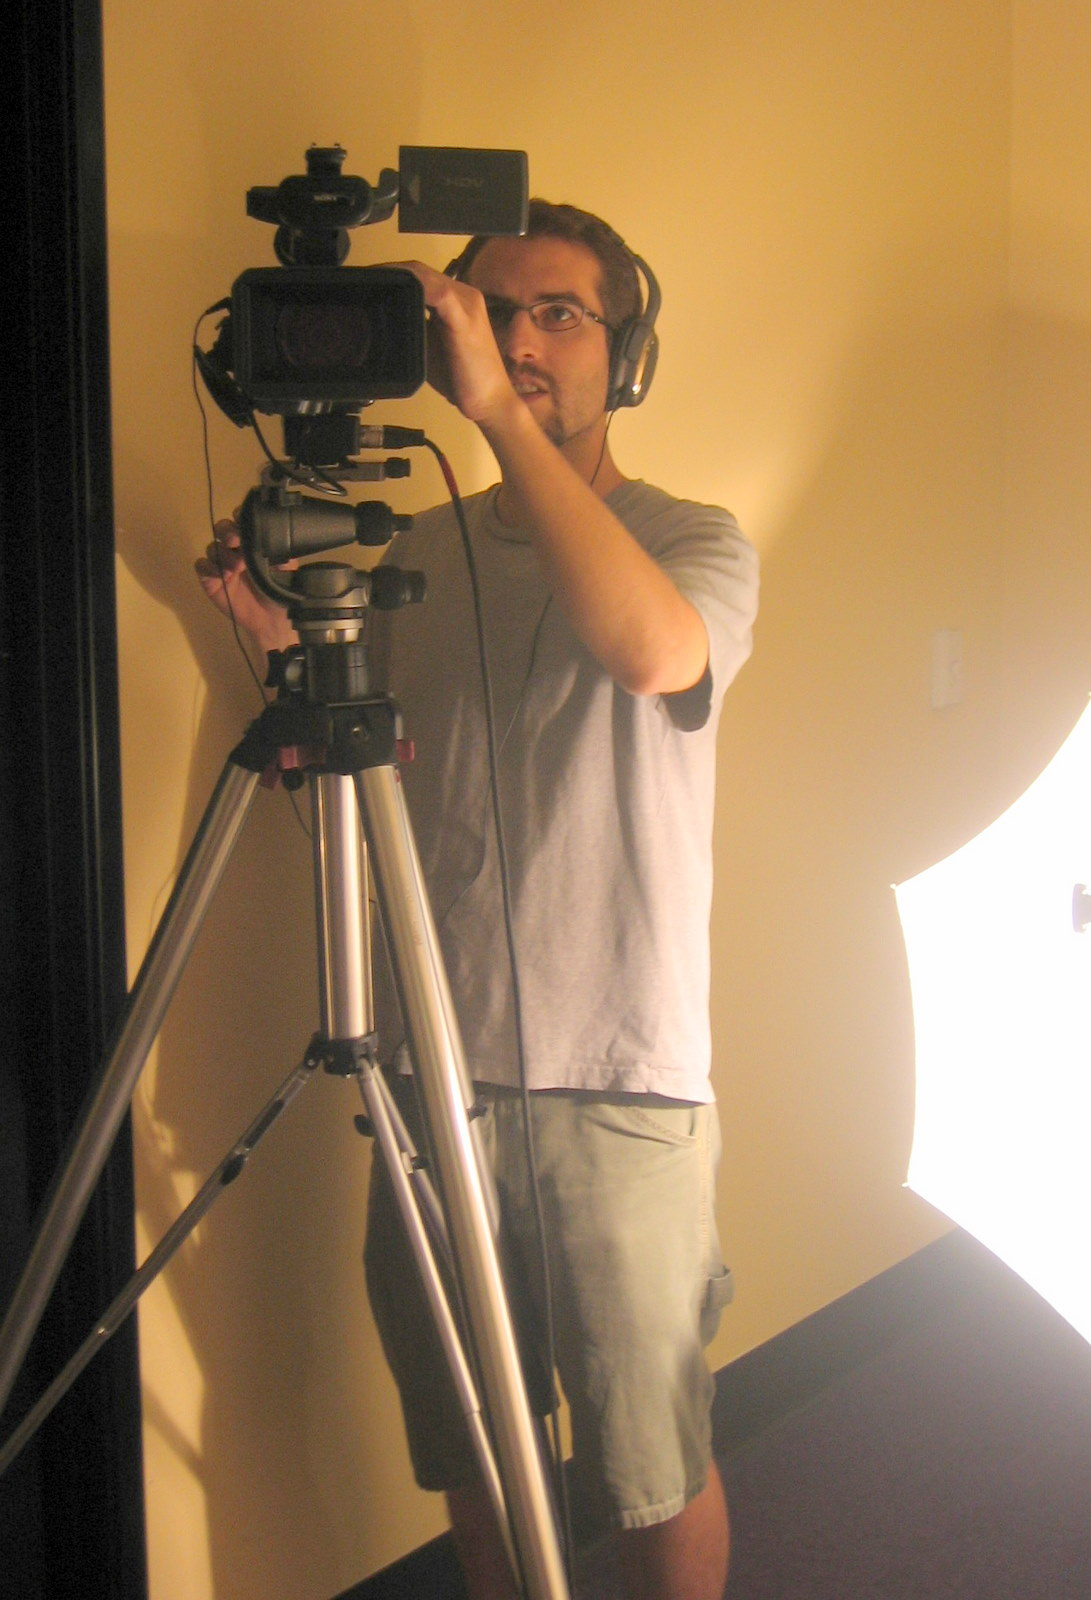 behind camera